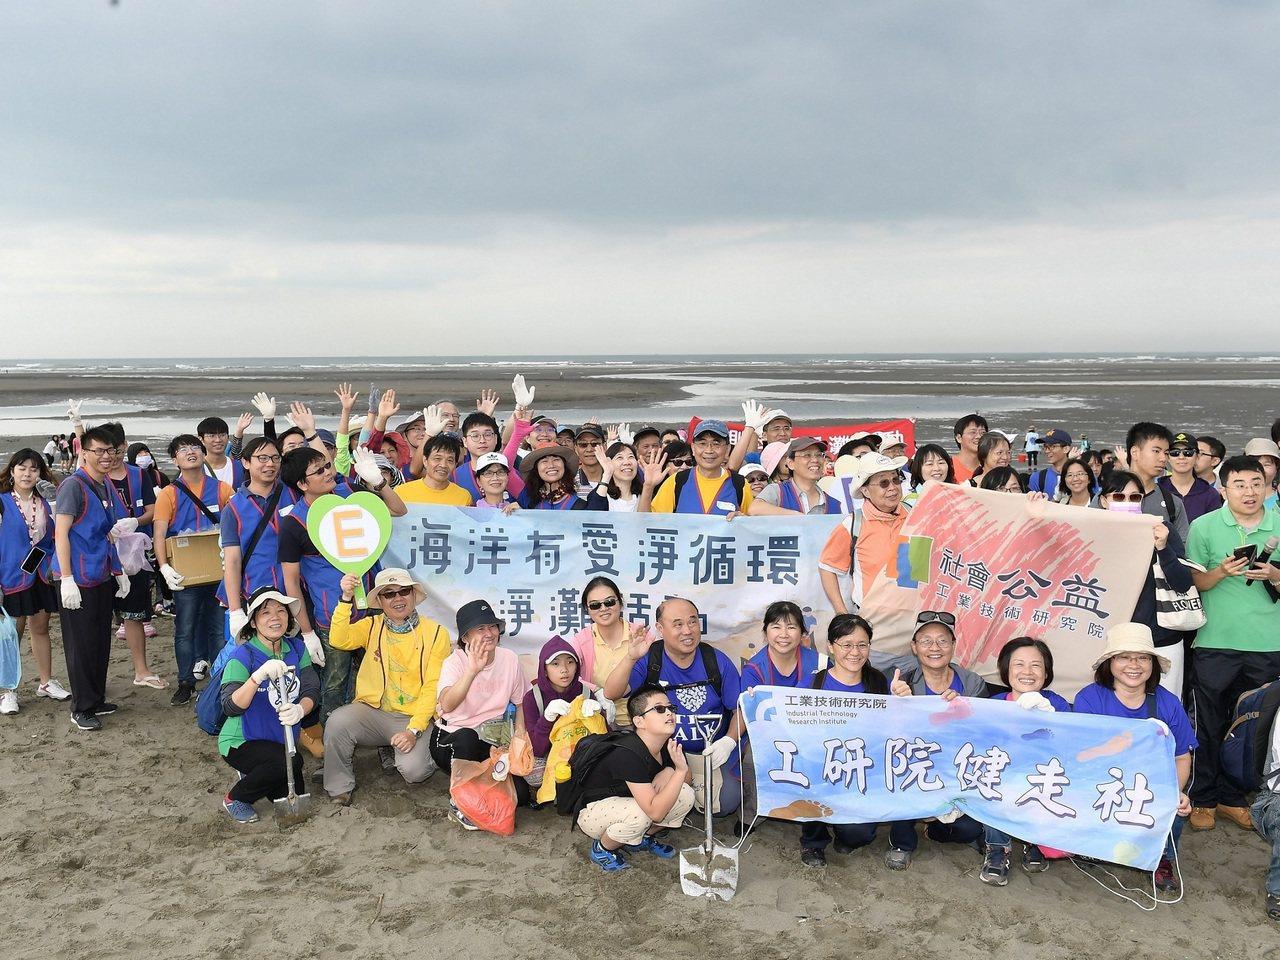 工研院舉辦「海洋有愛,淨循環」淨灘活動,號召超過500名竹科志工一齊守護台灣美麗...